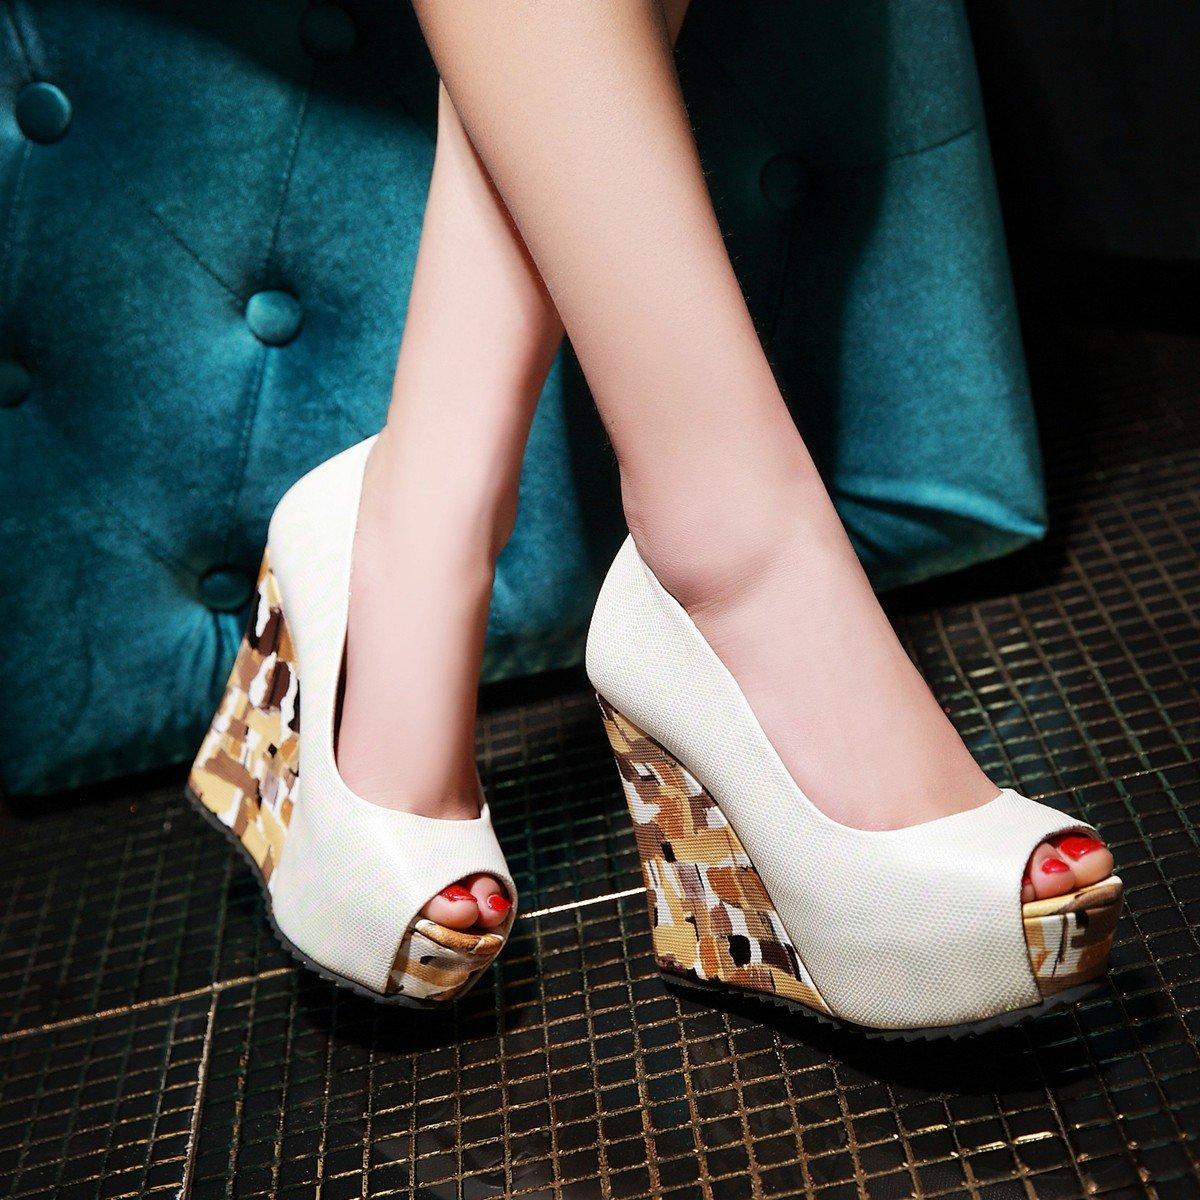 Картинки обуви платформа